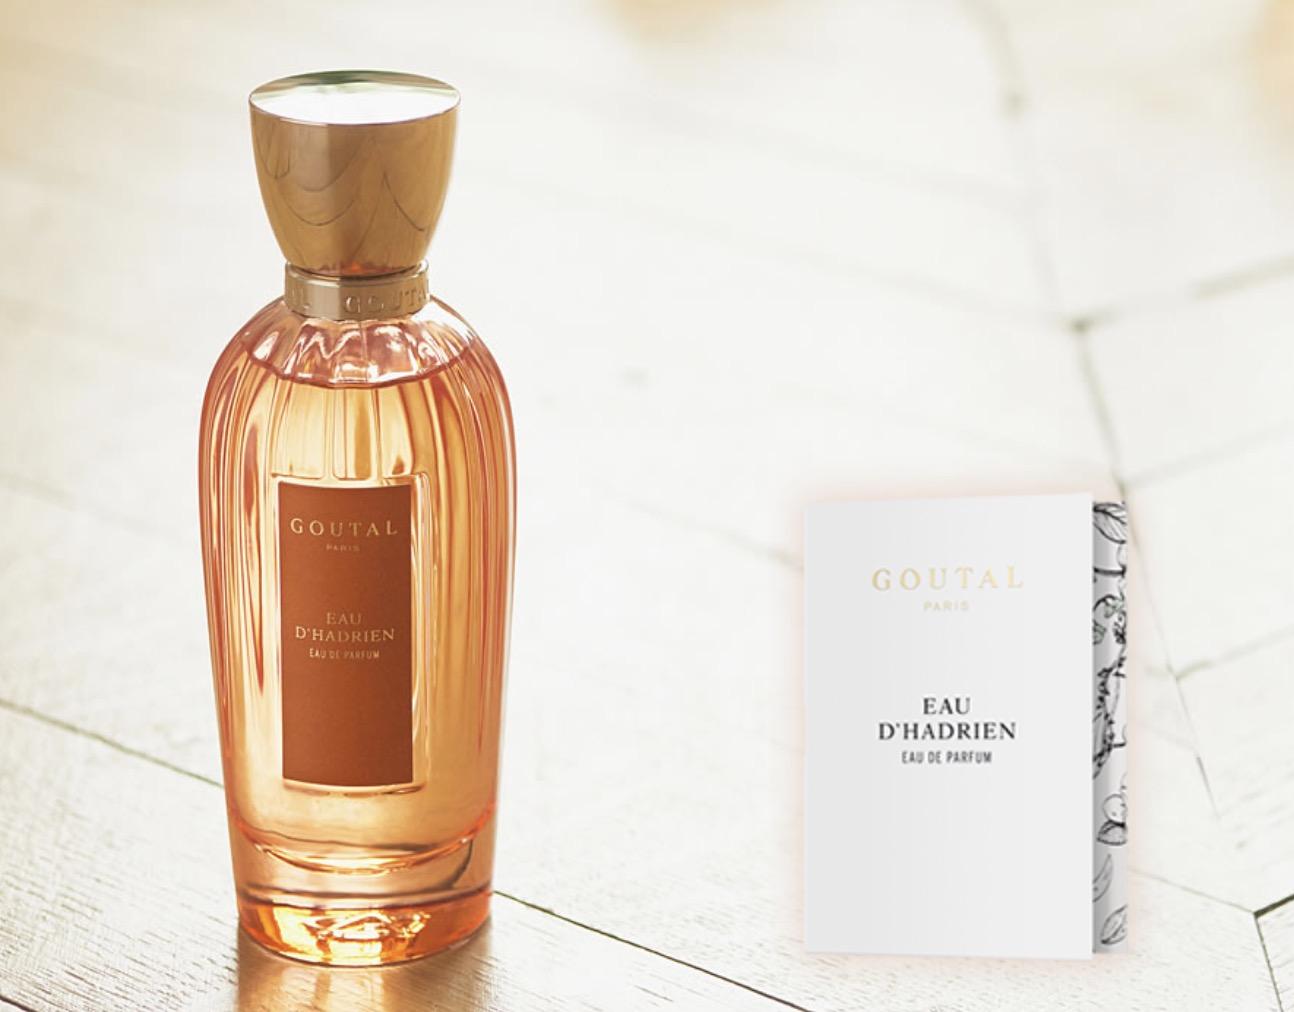 Code promo Goutal Paris : Une dose d'essai du parfum Eau d'Hadrien de Goutal Paris offerte gratuitement